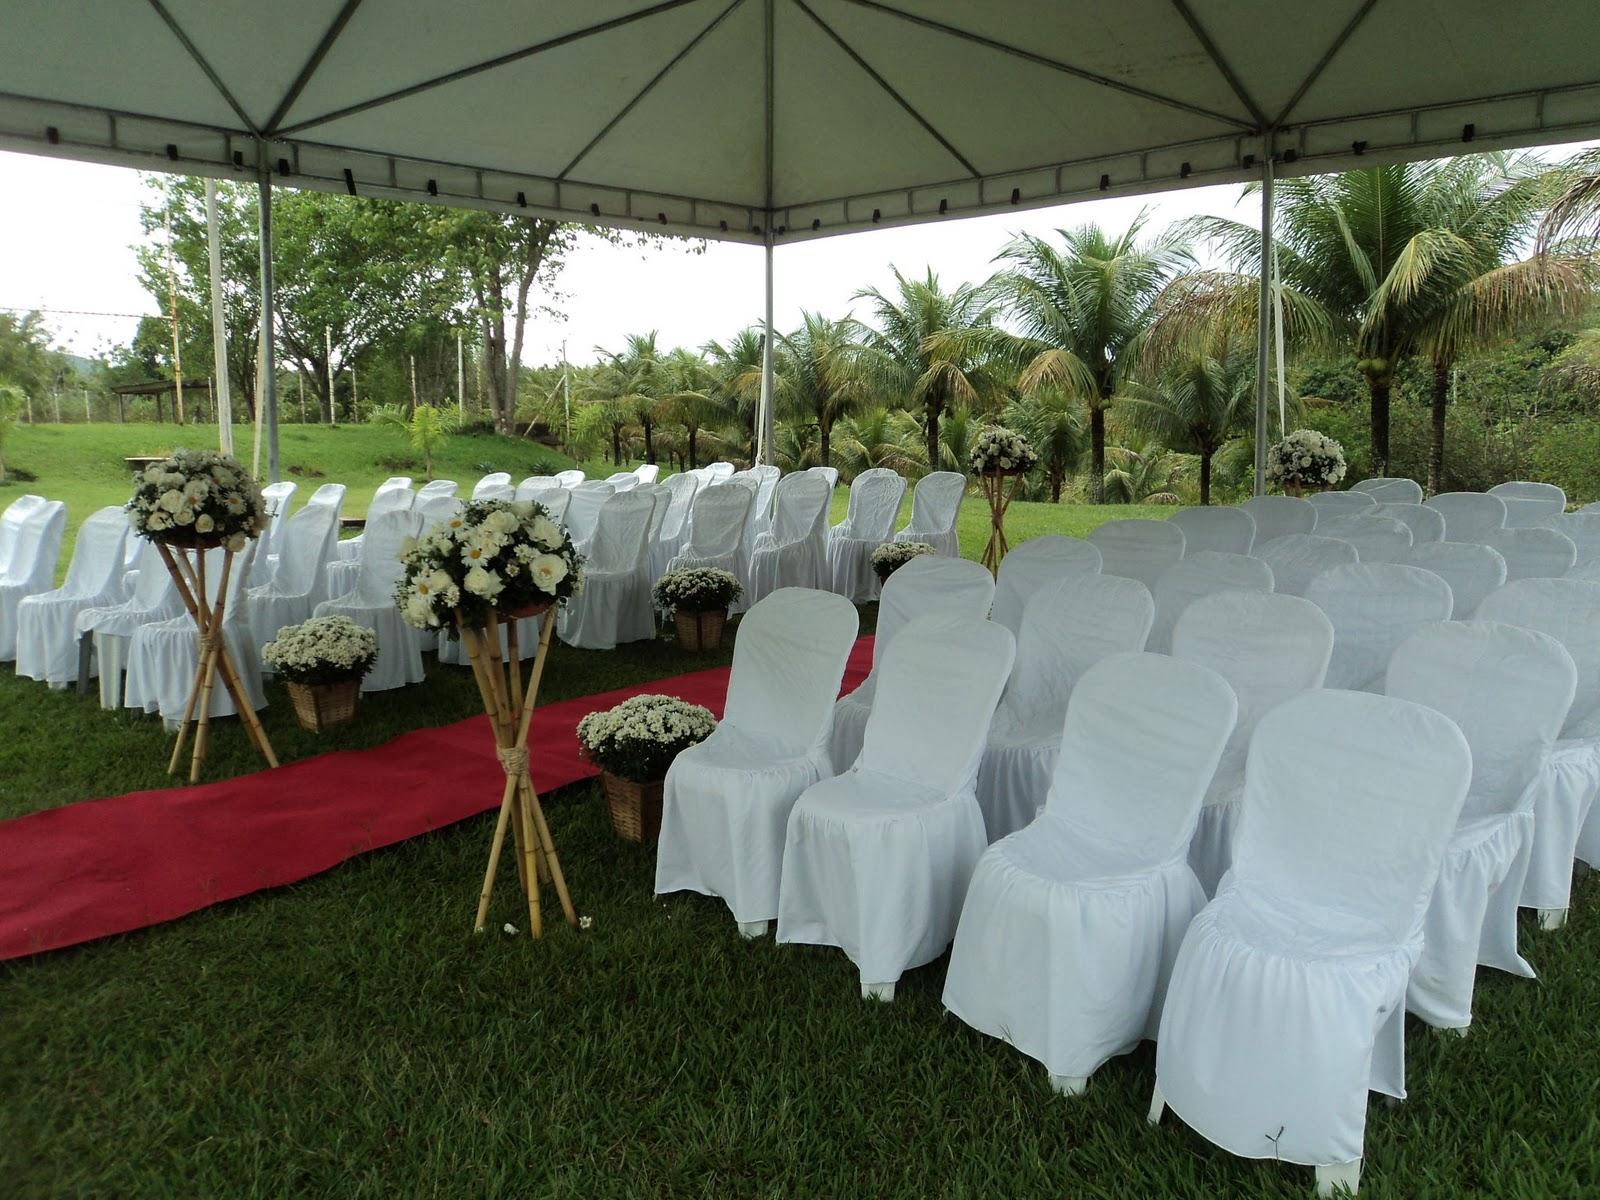 decoracao para casamento em sitio:decoração de cerimônia de casamento no sítio arca de noé com